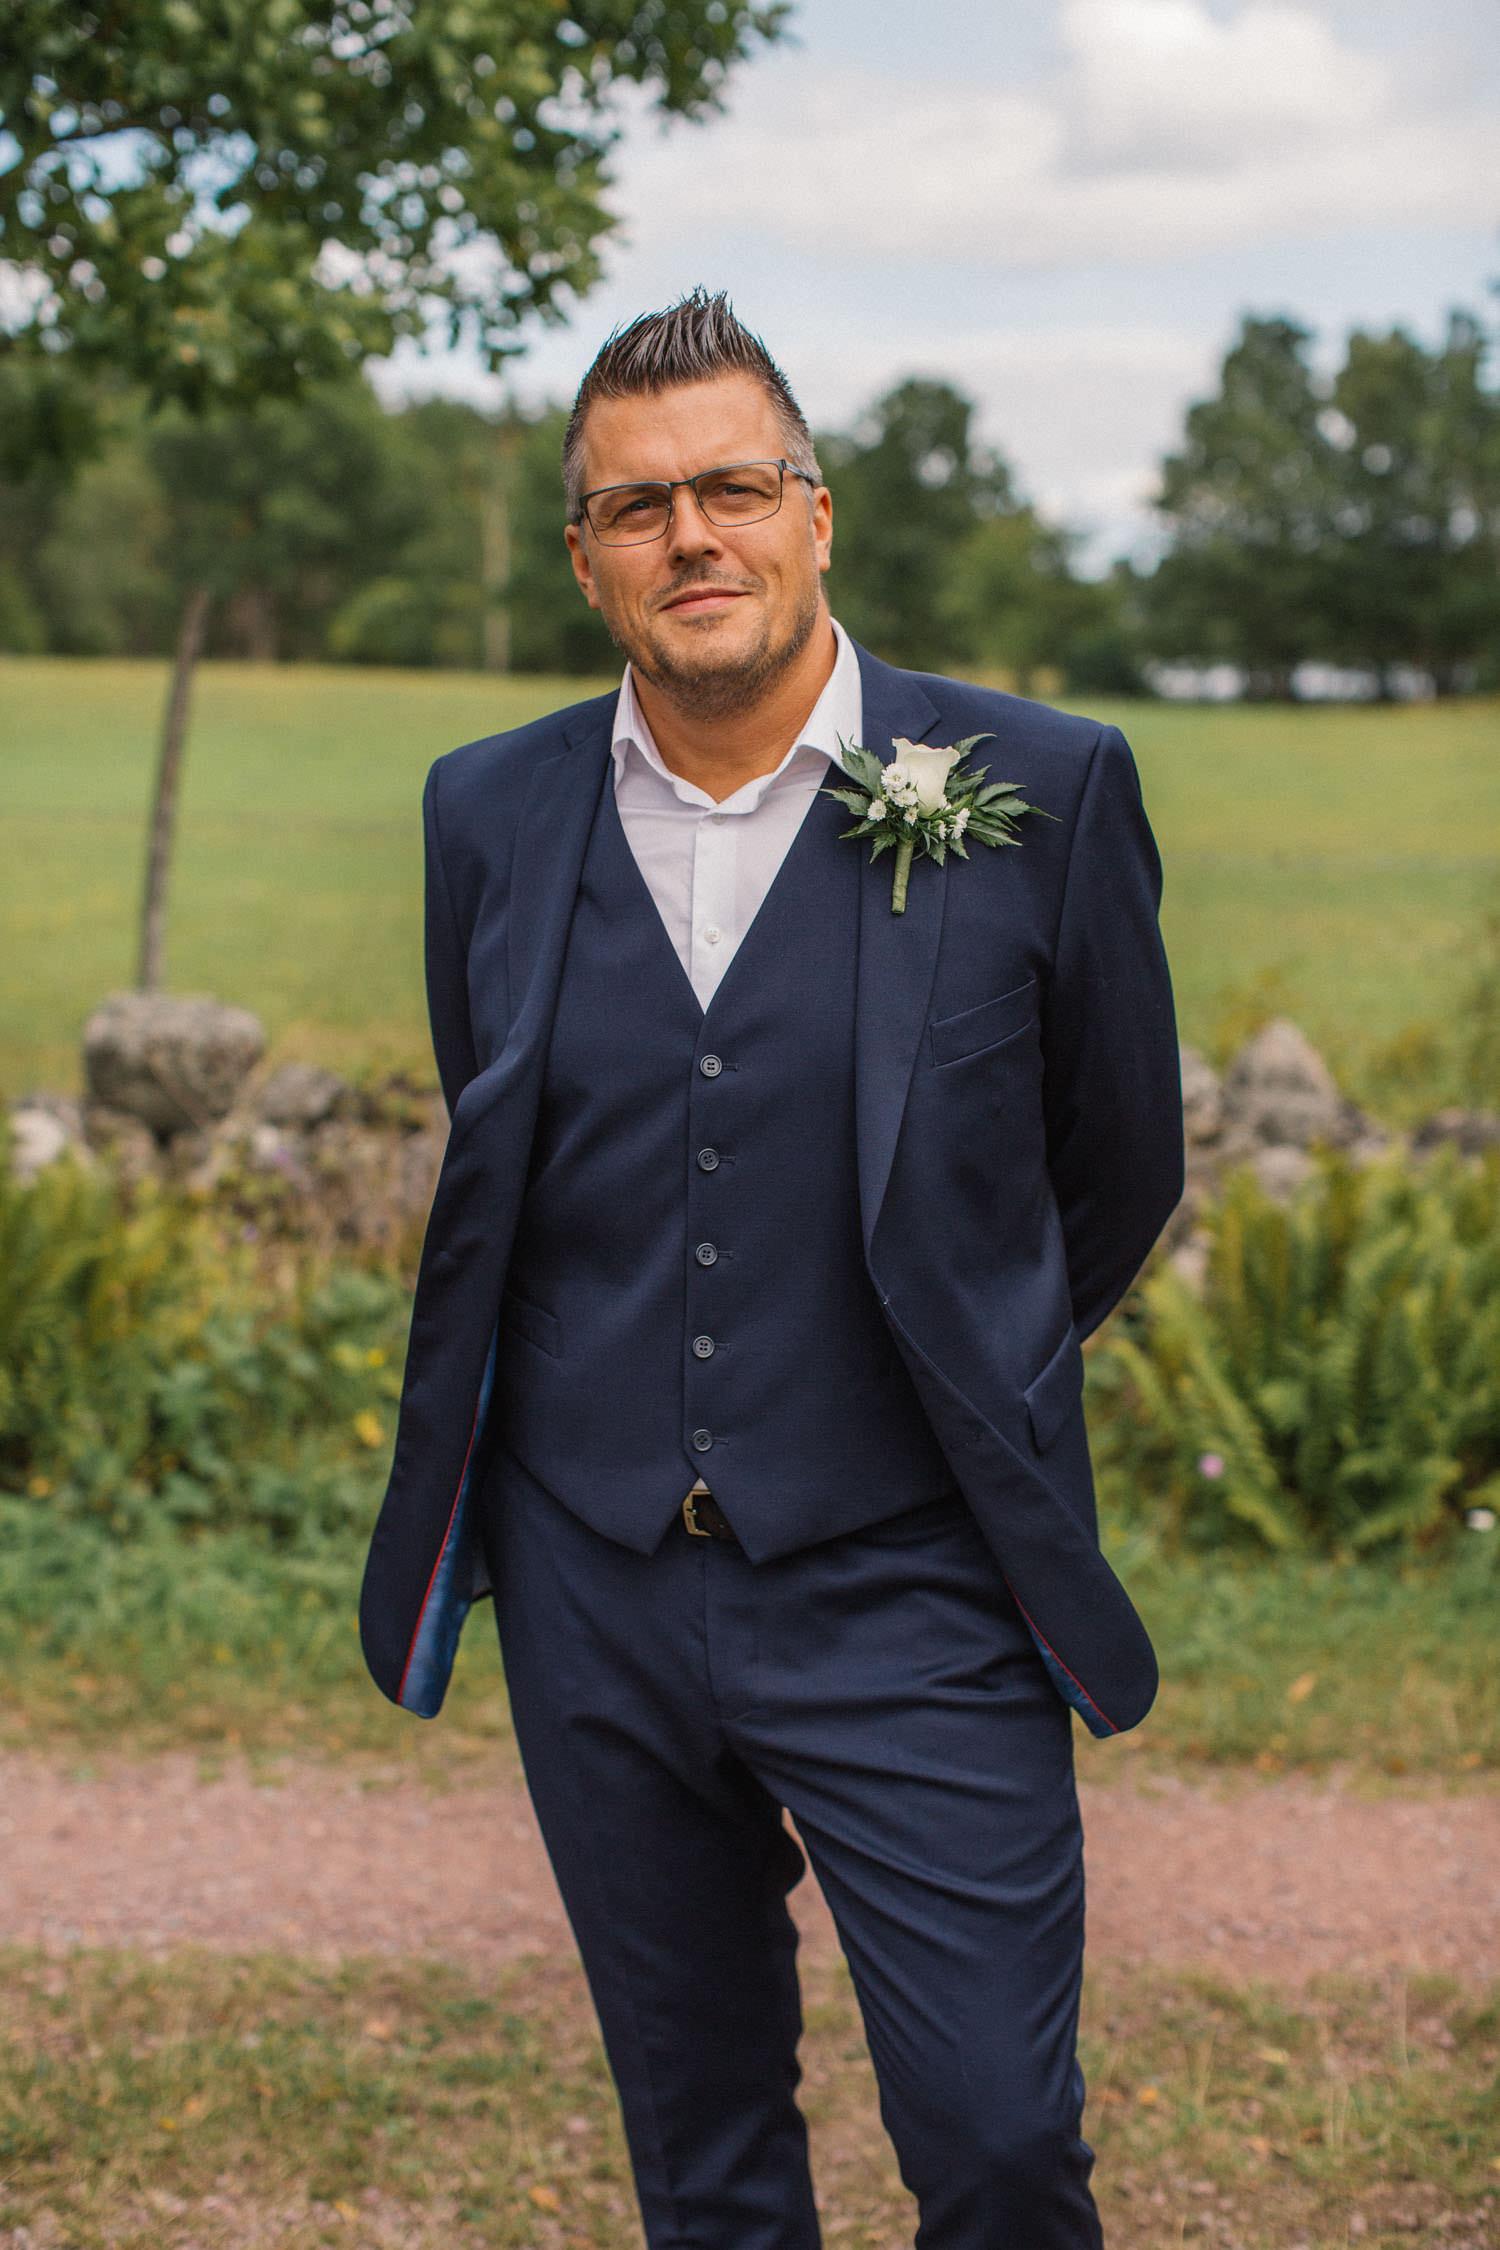 Porträtt på brudgum före bröllop. Kostymen kommer från Dressmann.